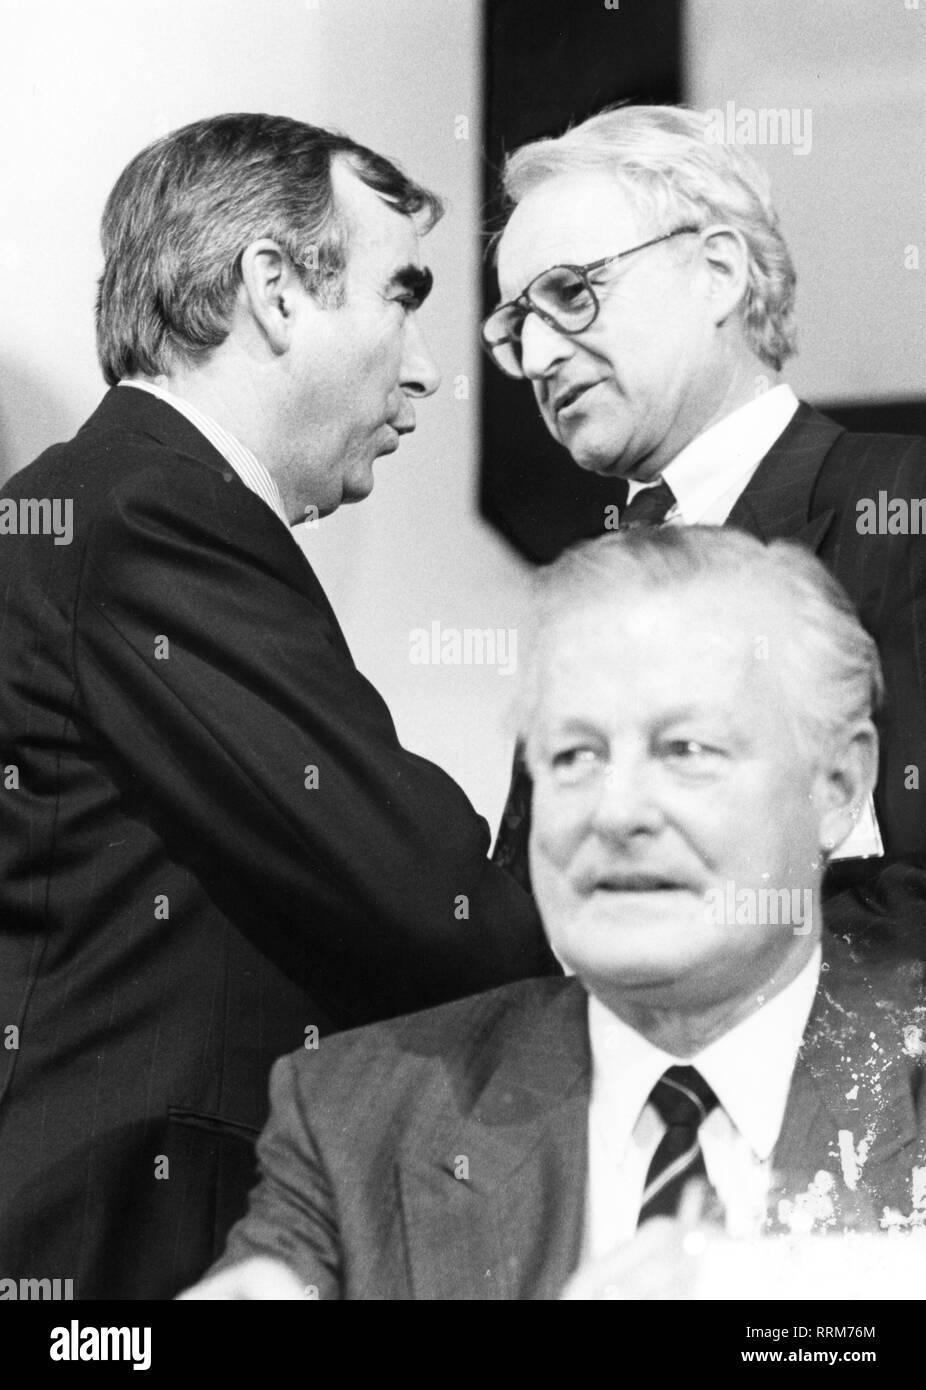 """Waigel, """"Theo"""", * 22.4.1939, uomo politico tedesco (cristiana unione sociale), il ministro federale delle finanze, 21.4.1989 - 26.10.1998, mezza lunghezza, con Edmund Stoiber e Max Streibl, 1992, Additional-Rights-Clearance-Info-Not-Available Immagini Stock"""